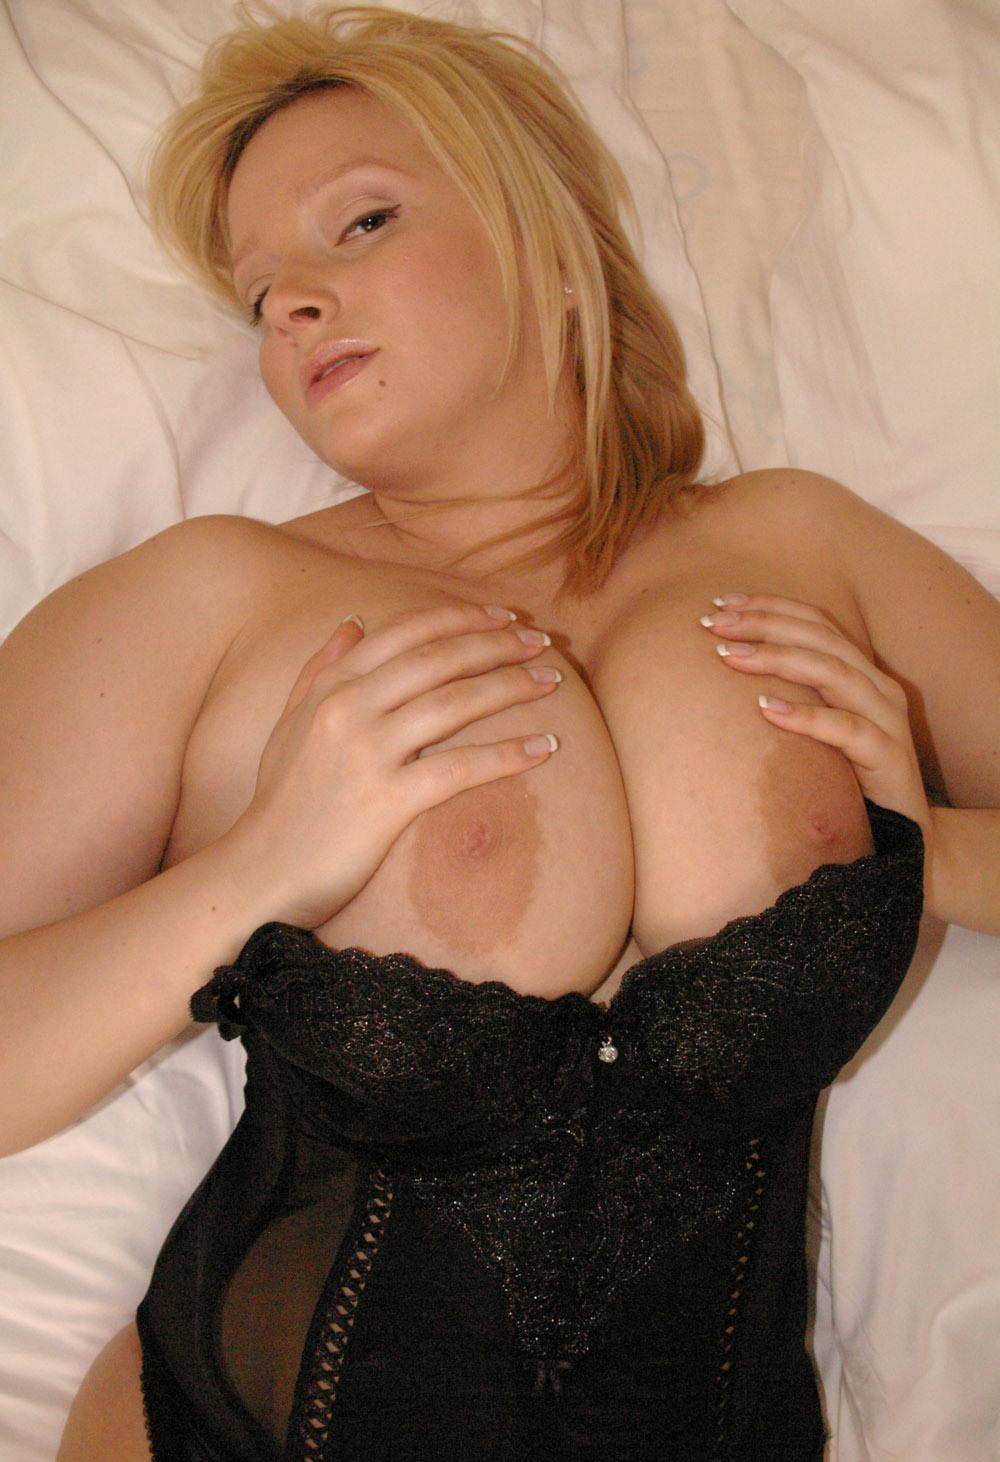 Супер грудь как не вдуть 10 фотография